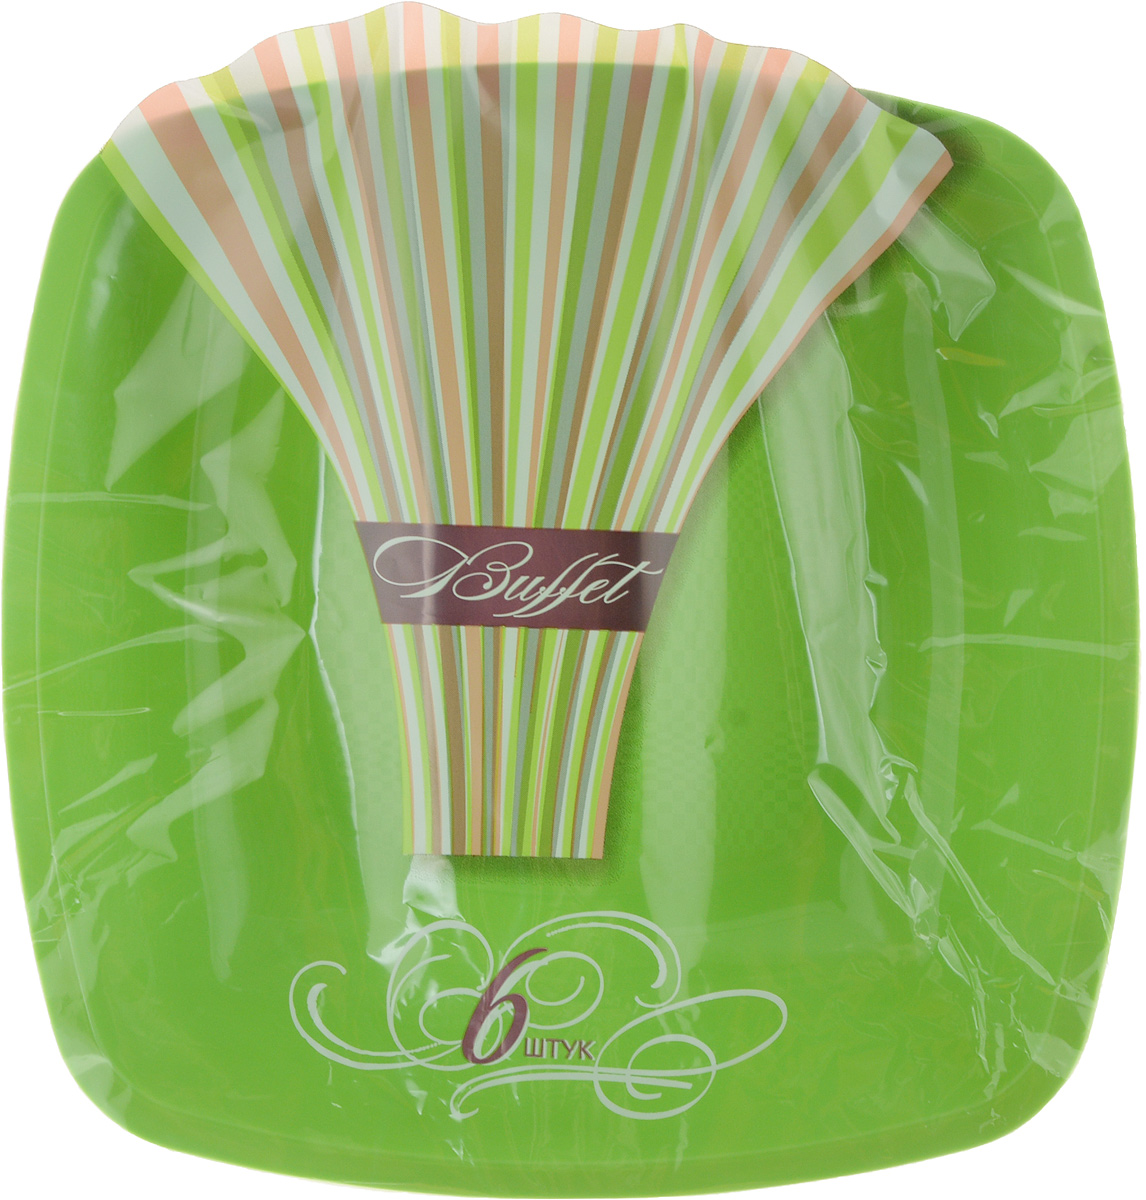 Набор одноразовых глубоких тарелок Buffet, цвет: зеленый, 18 х 18 см, 6 шт набор одноразовых стаканов buffet biсolor цвет оранжевый желтый 200 мл 6 шт